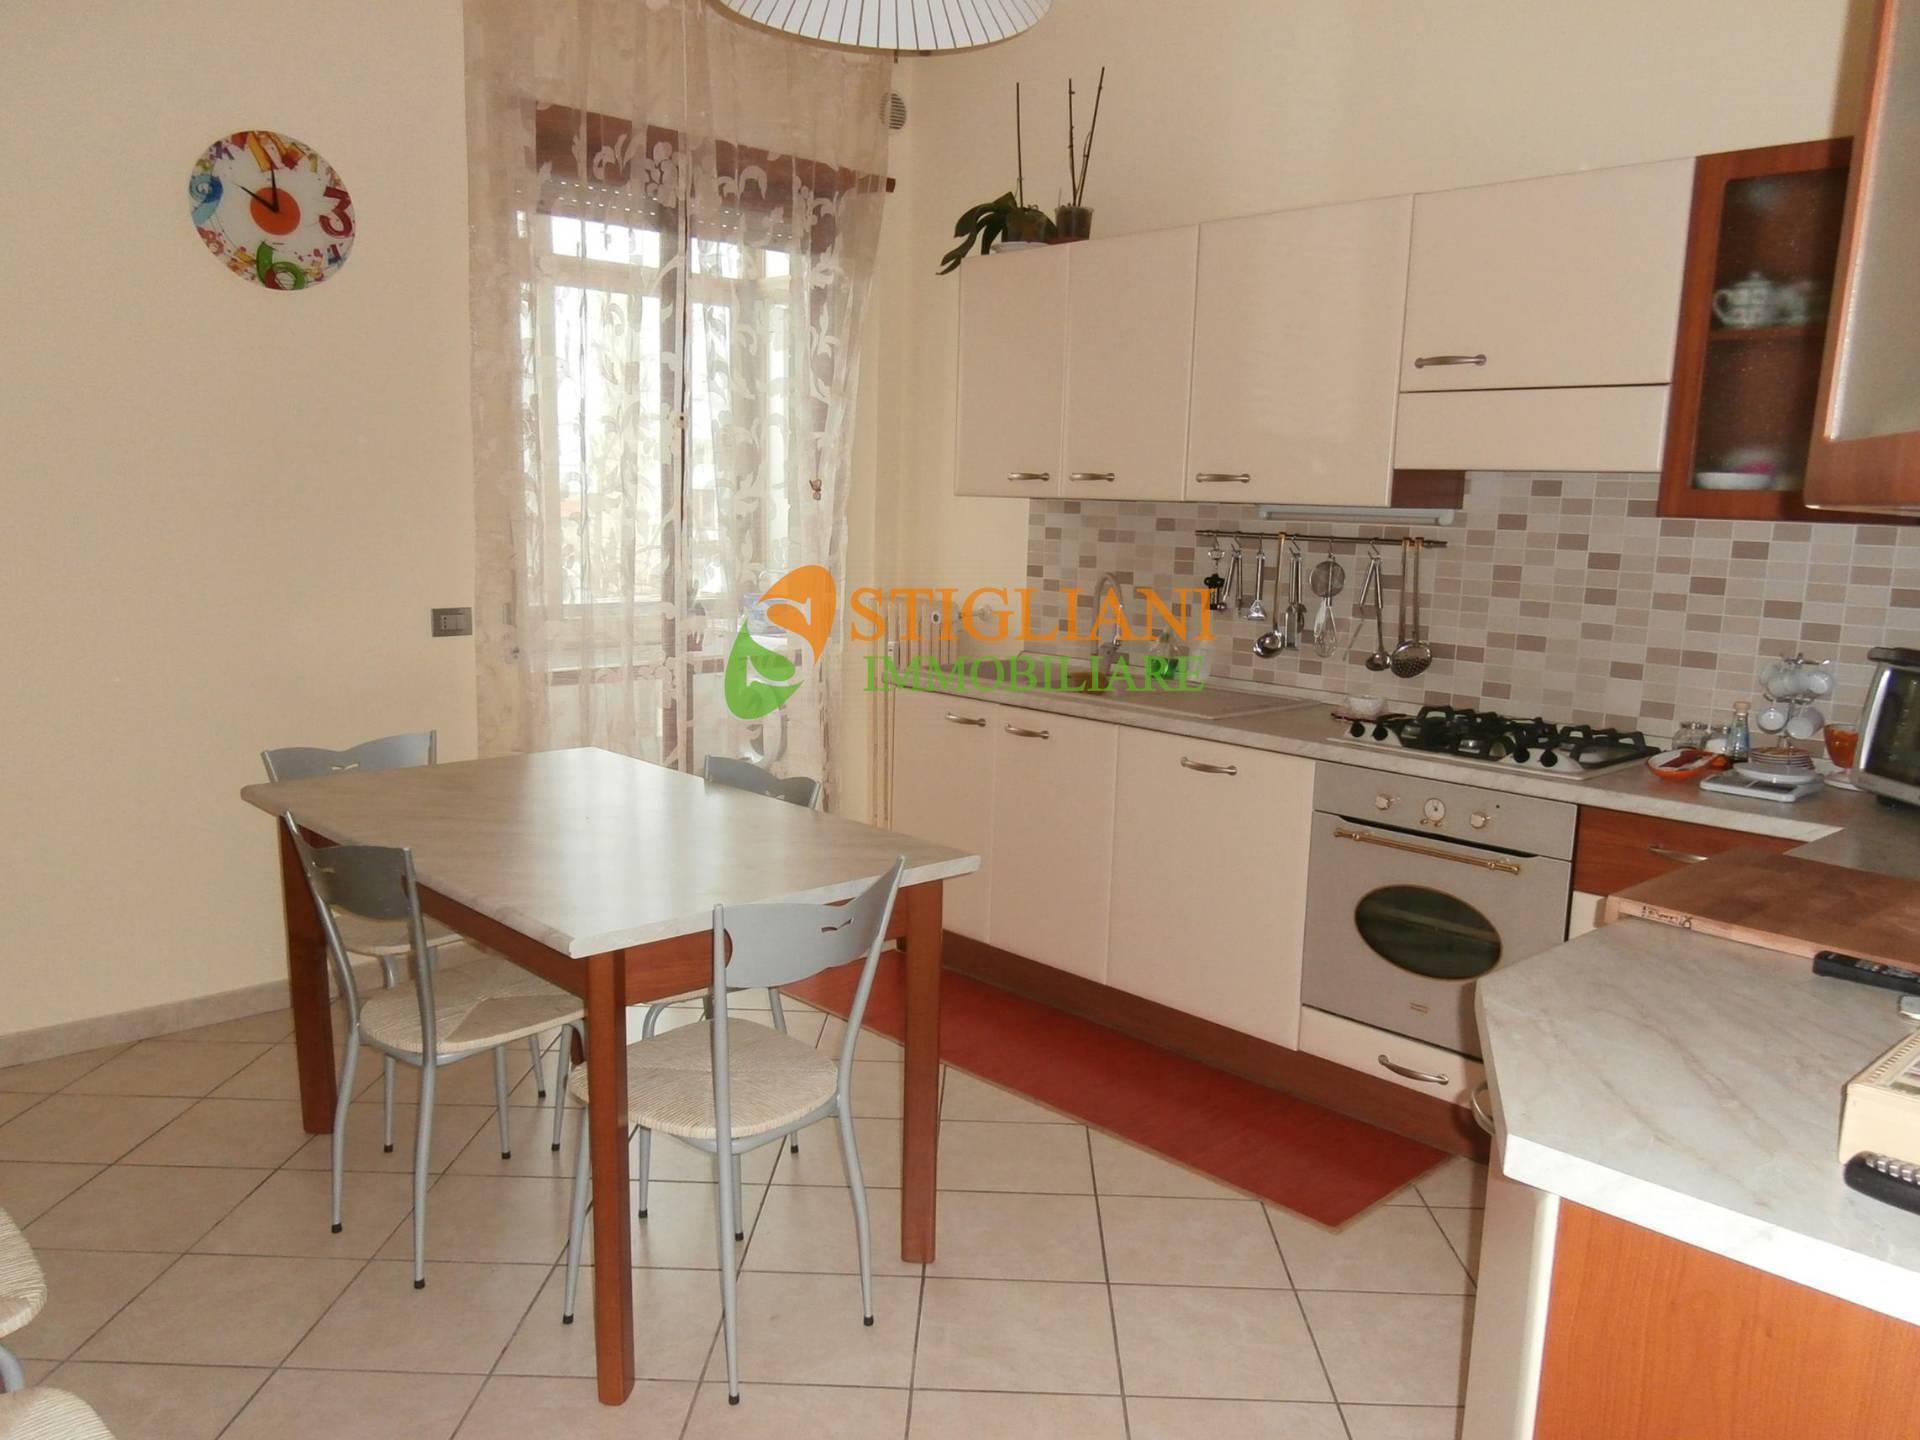 Appartamento in vendita a Campobasso, 5 locali, zona Località: ViaDeAmicis, prezzo € 169.000 | CambioCasa.it